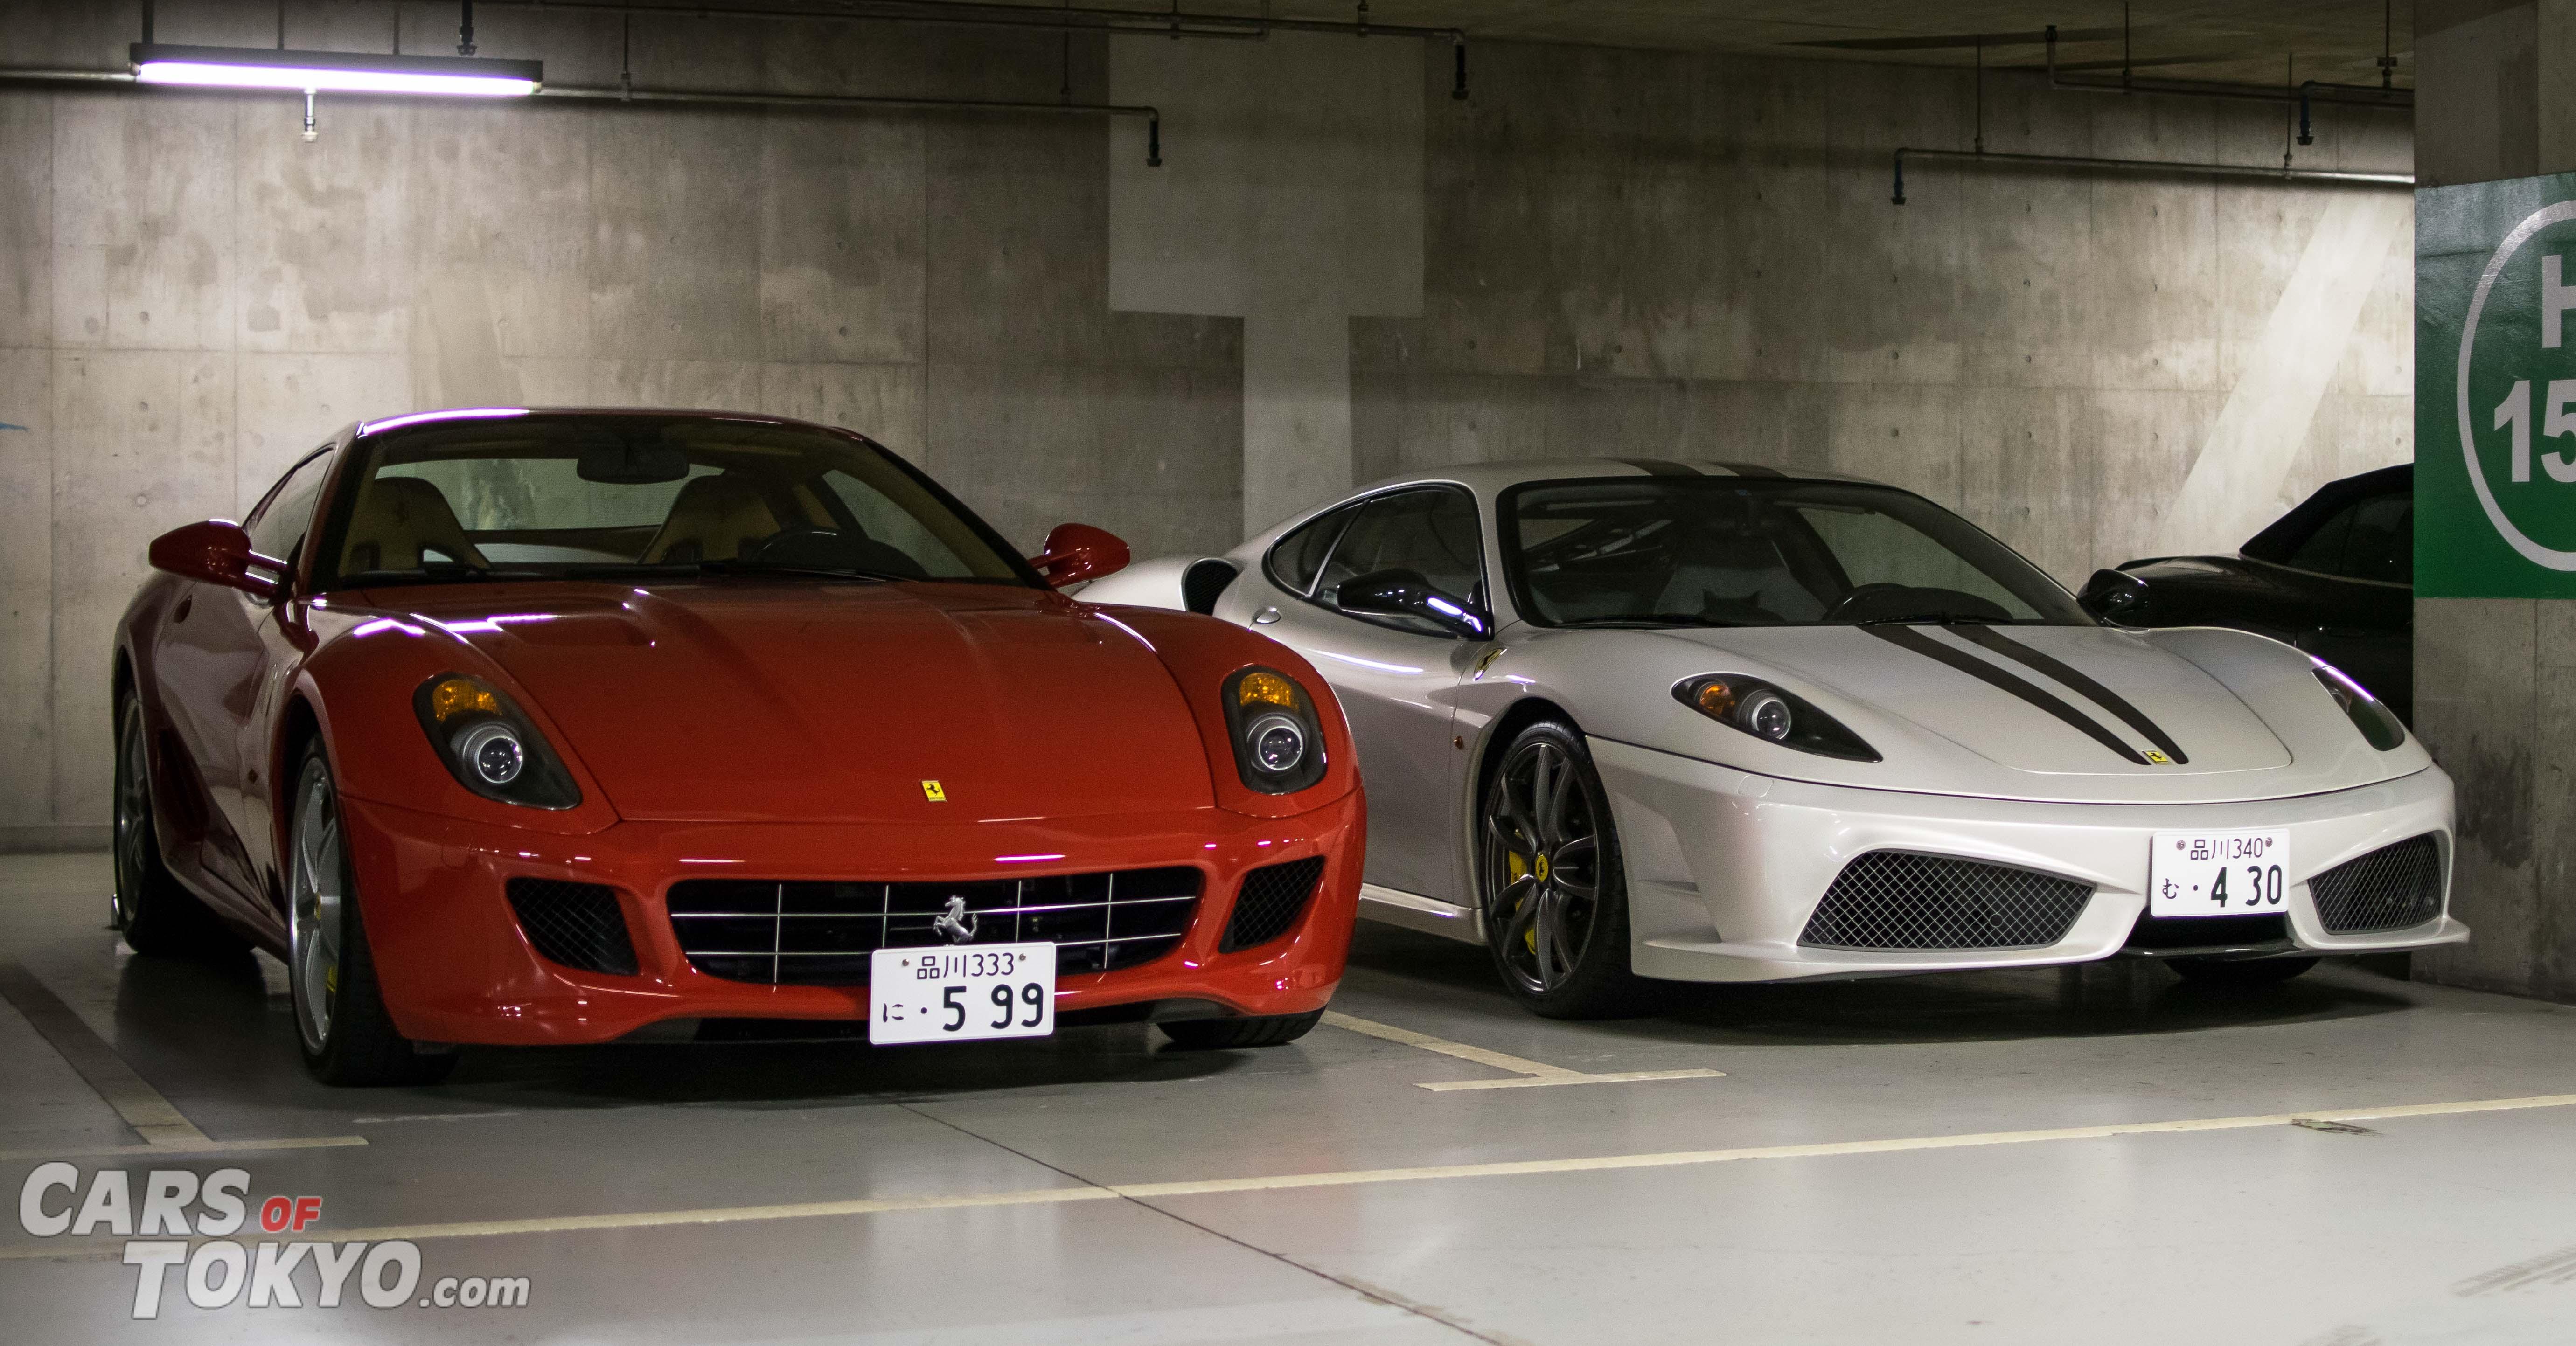 Cars of Tokyo Underground Ferrari 599 & 430 Scuderia